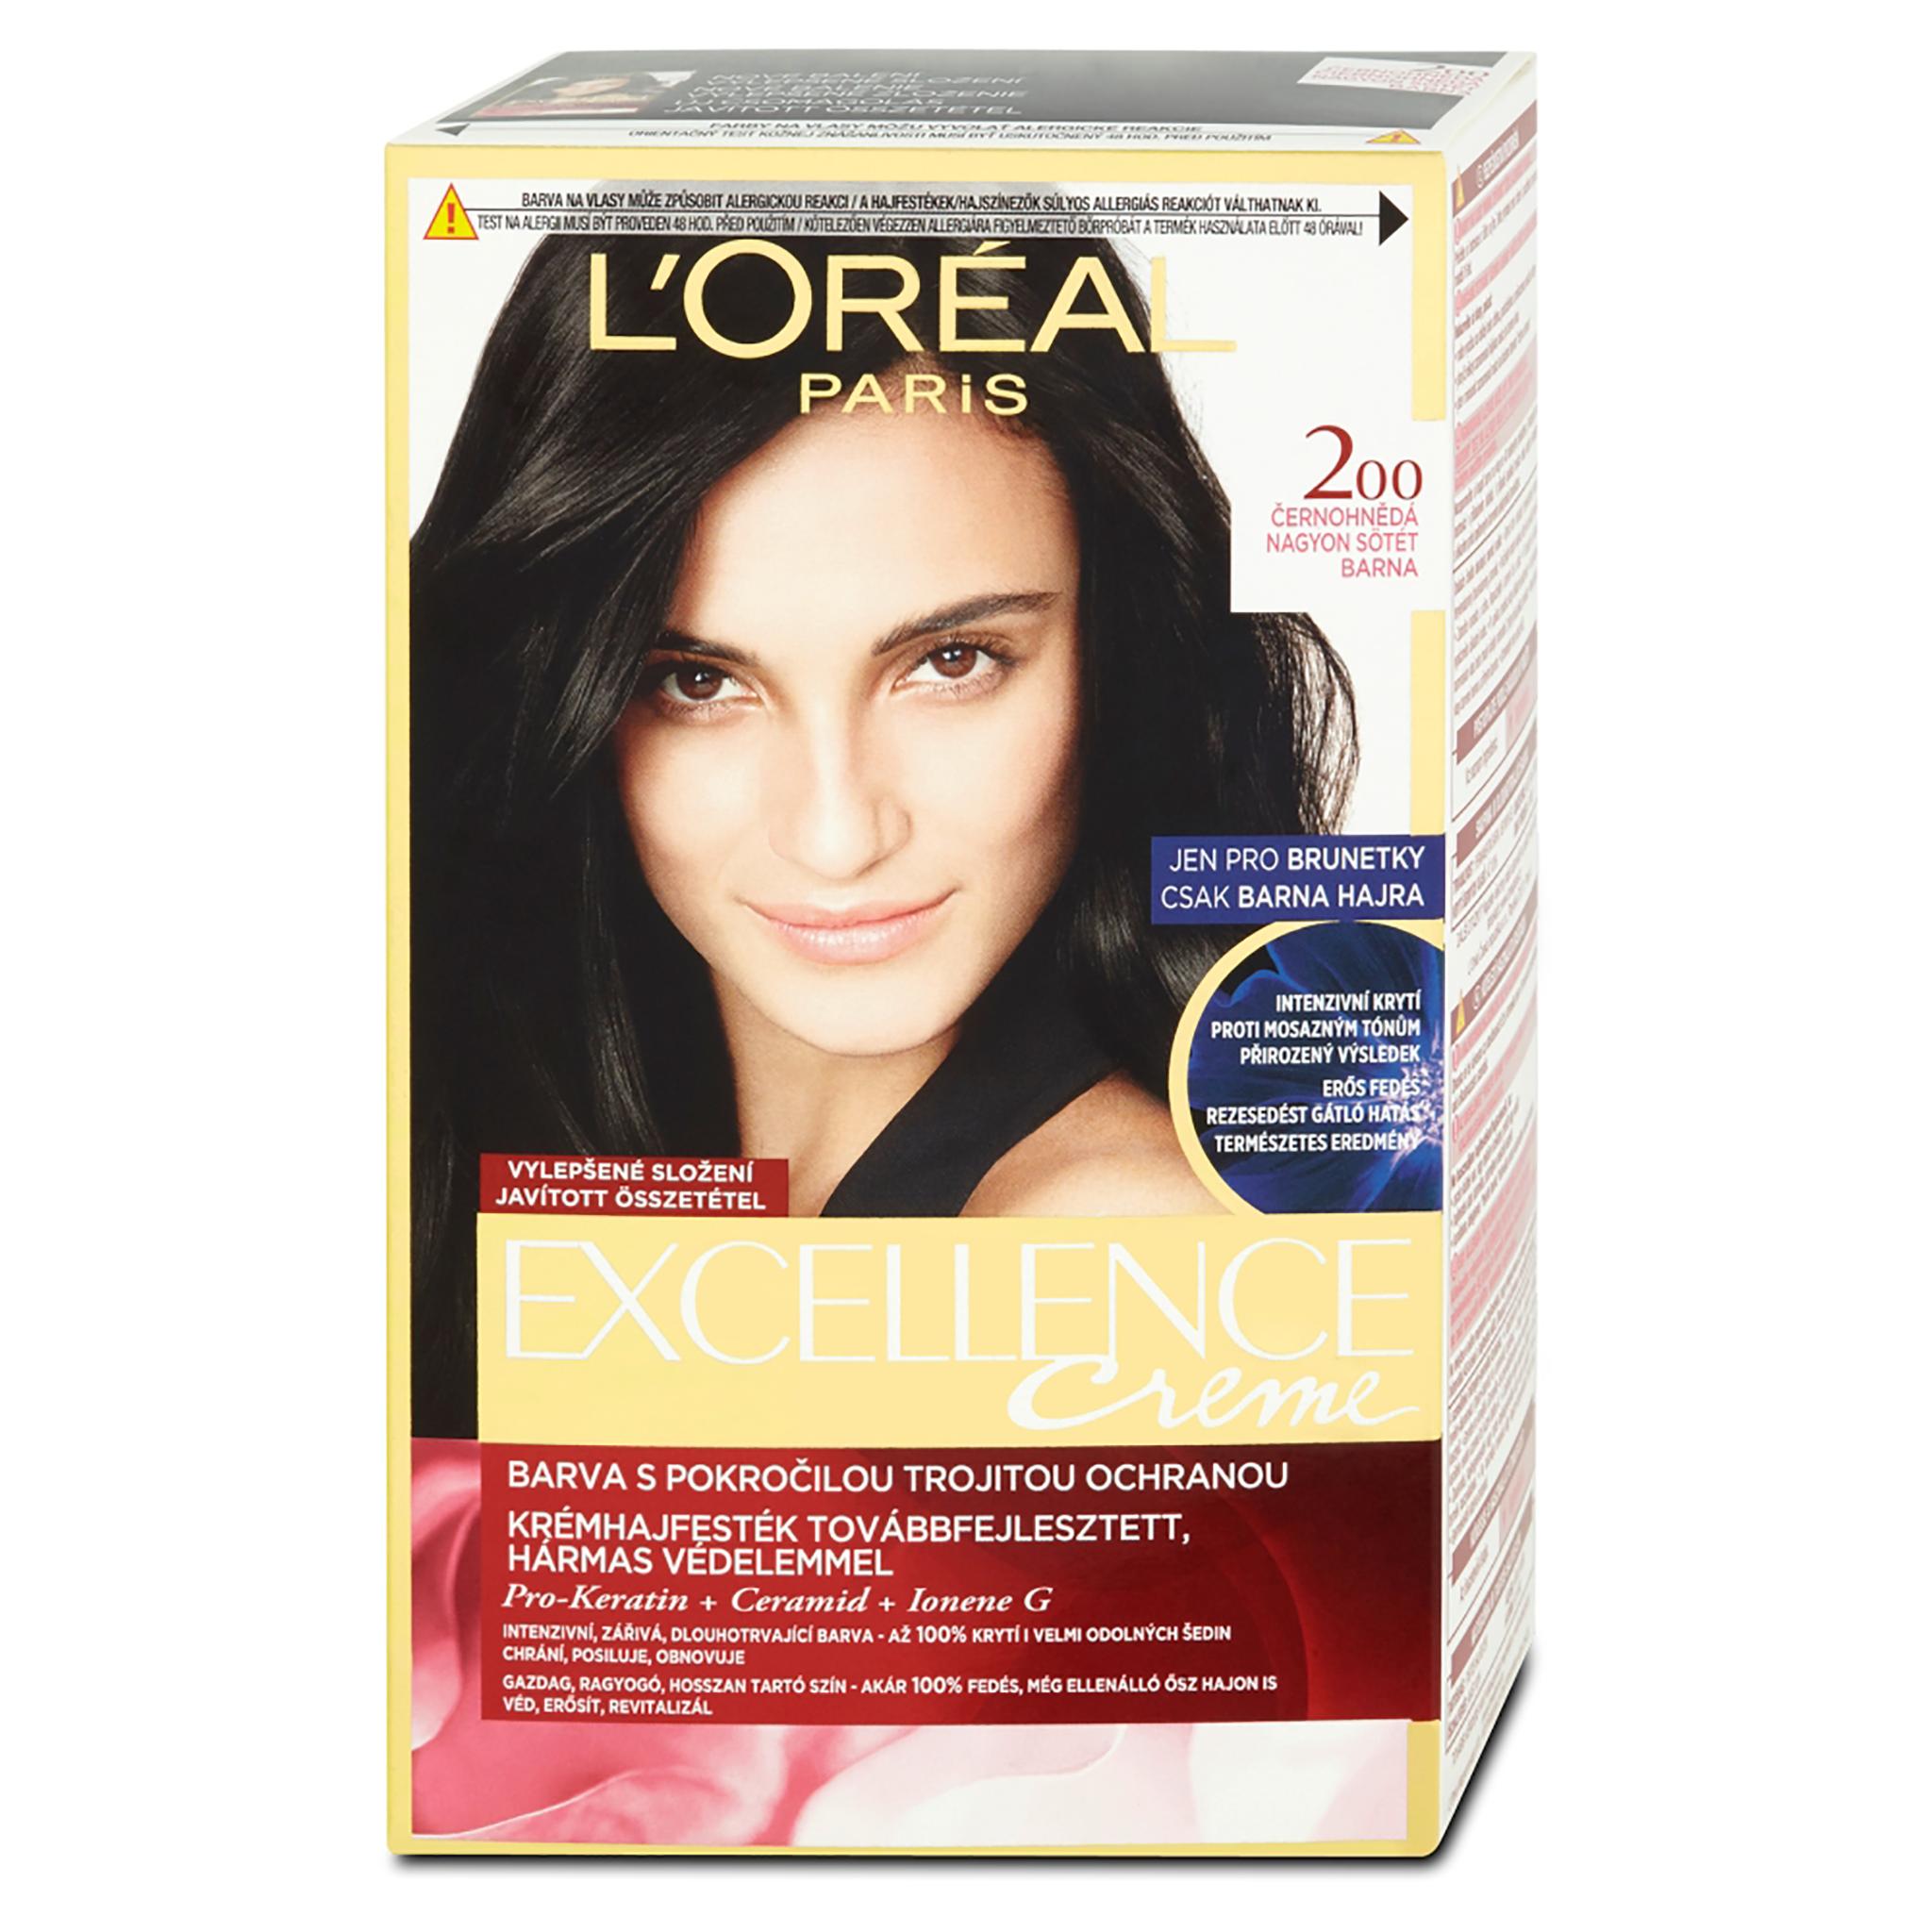 L'Oréal Paris Excellence permanentní barva na vlasy černohnědá 200